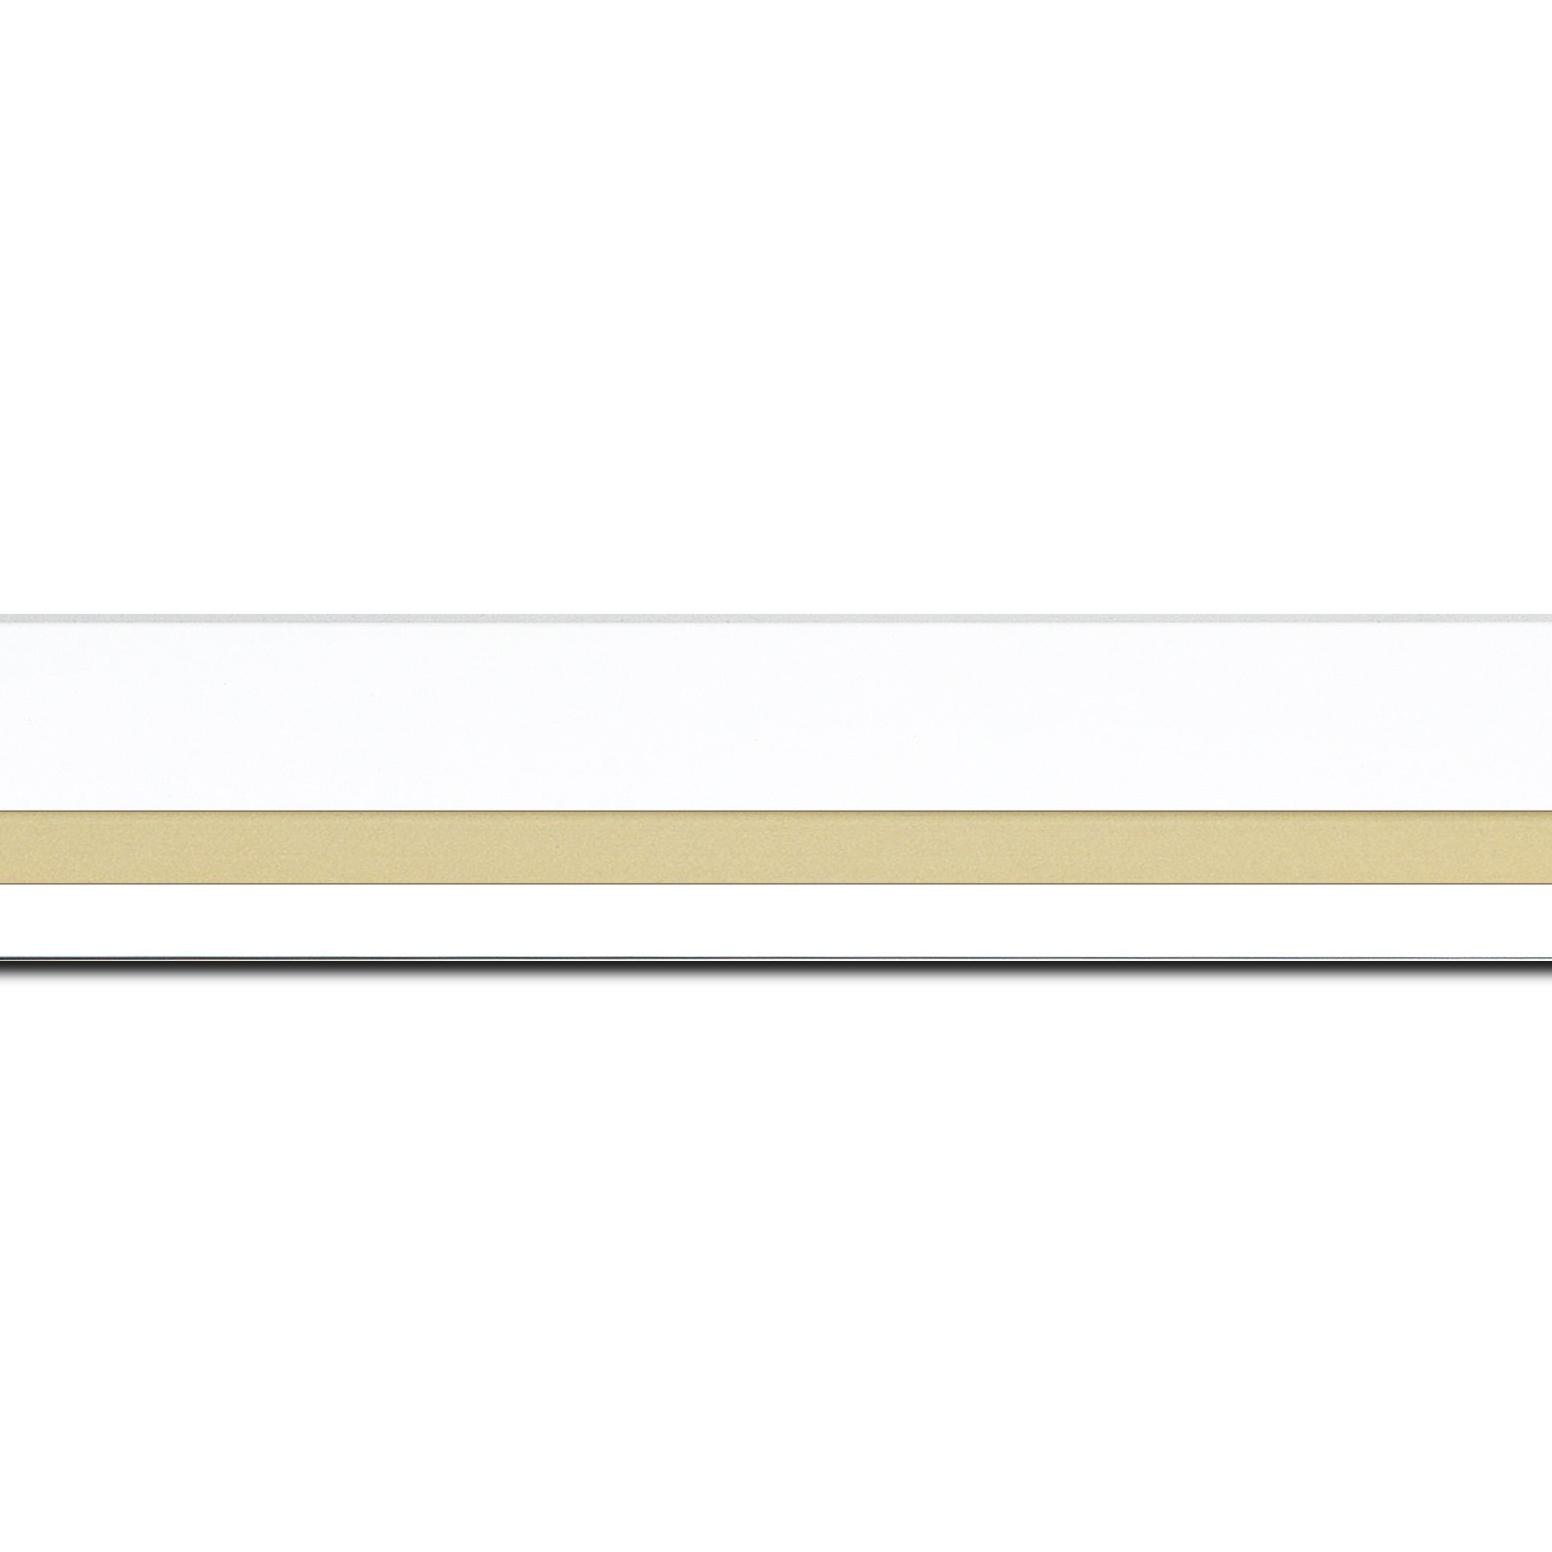 Baguette longueur 1.40m bois profil pente largeur 4.5cm de couleur blanc mat filet or